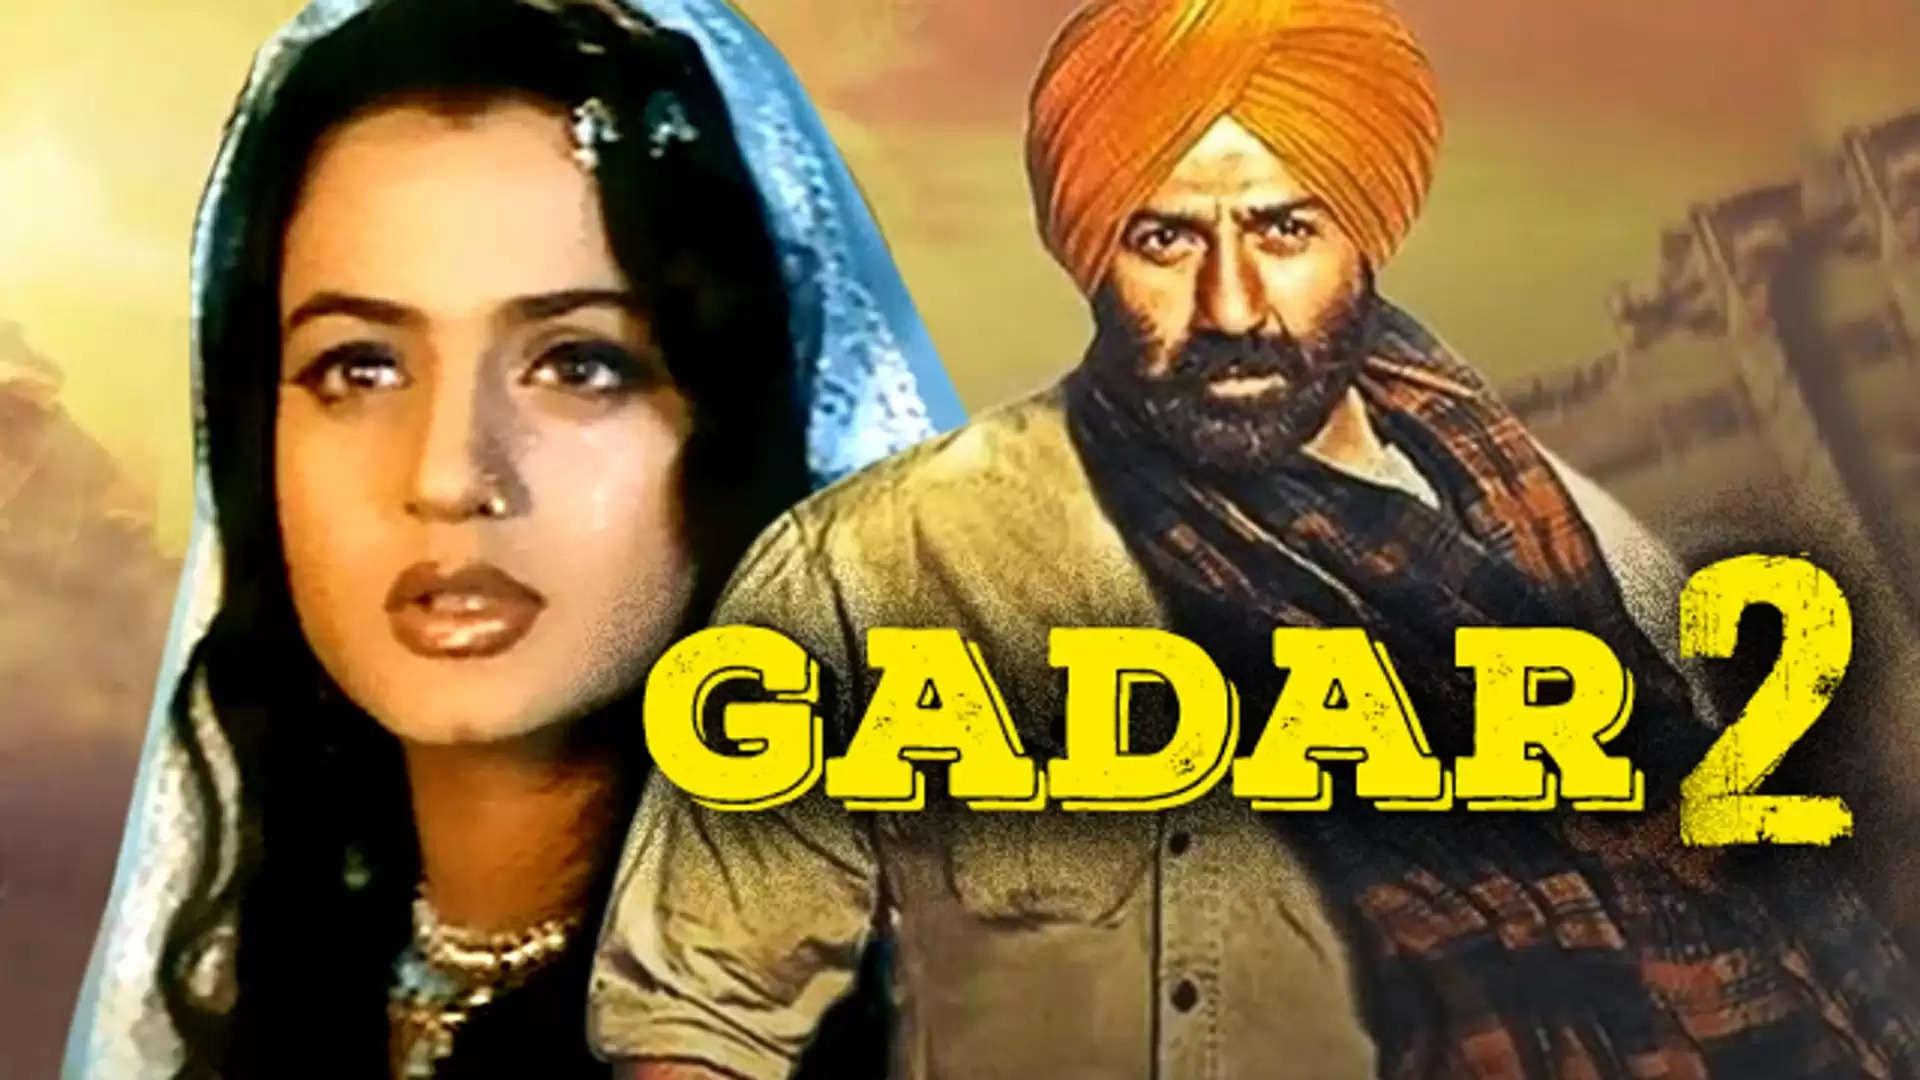 Gadar 2: गदर फिल्म का सीक्वल बनाने की प्लानिंग में अनिल शर्मा, सनी देओल के साथ बेटे को करेंगे कास्ट